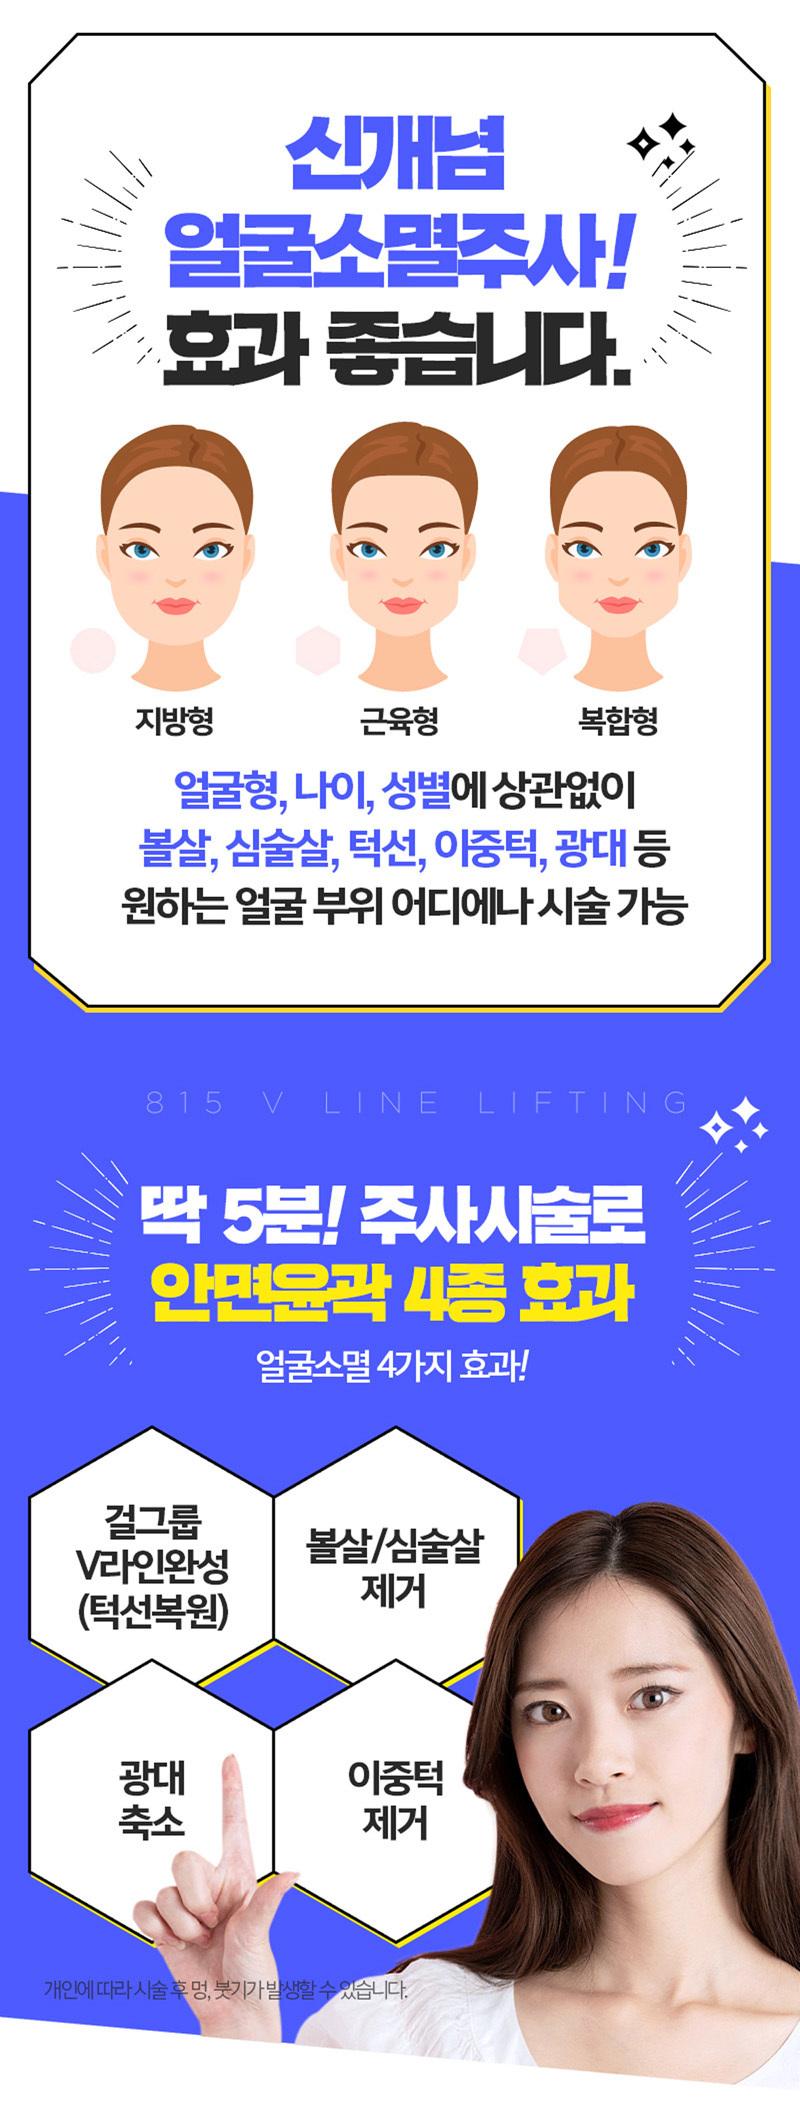 D event info 580001dd1bdaf6de93